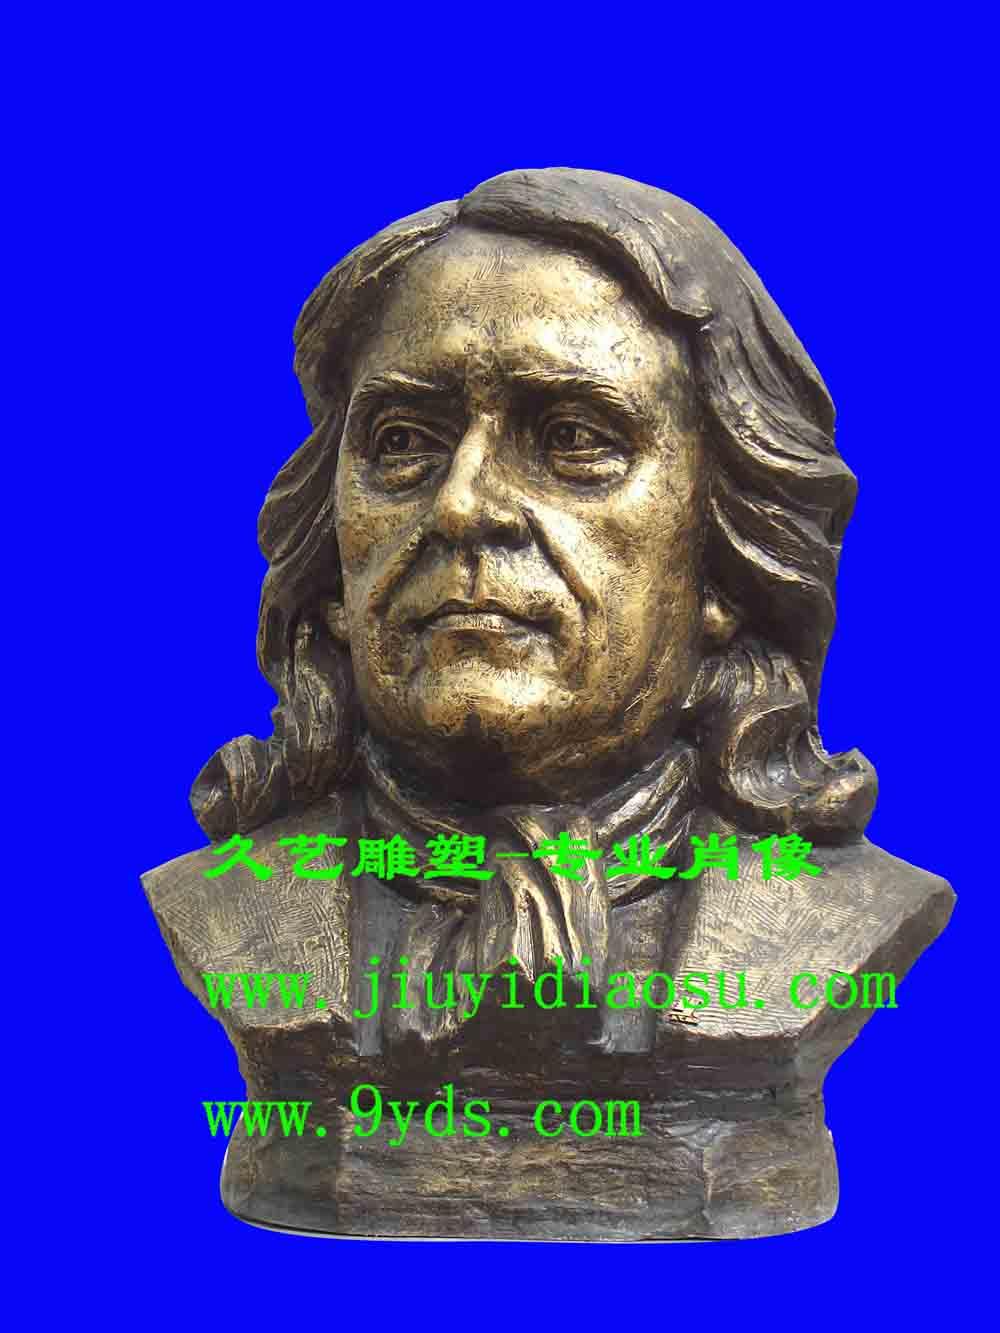 饰品 雕塑  商机类型:供应 有效期:长期有效 描述:雕塑,胸像雕塑 当前